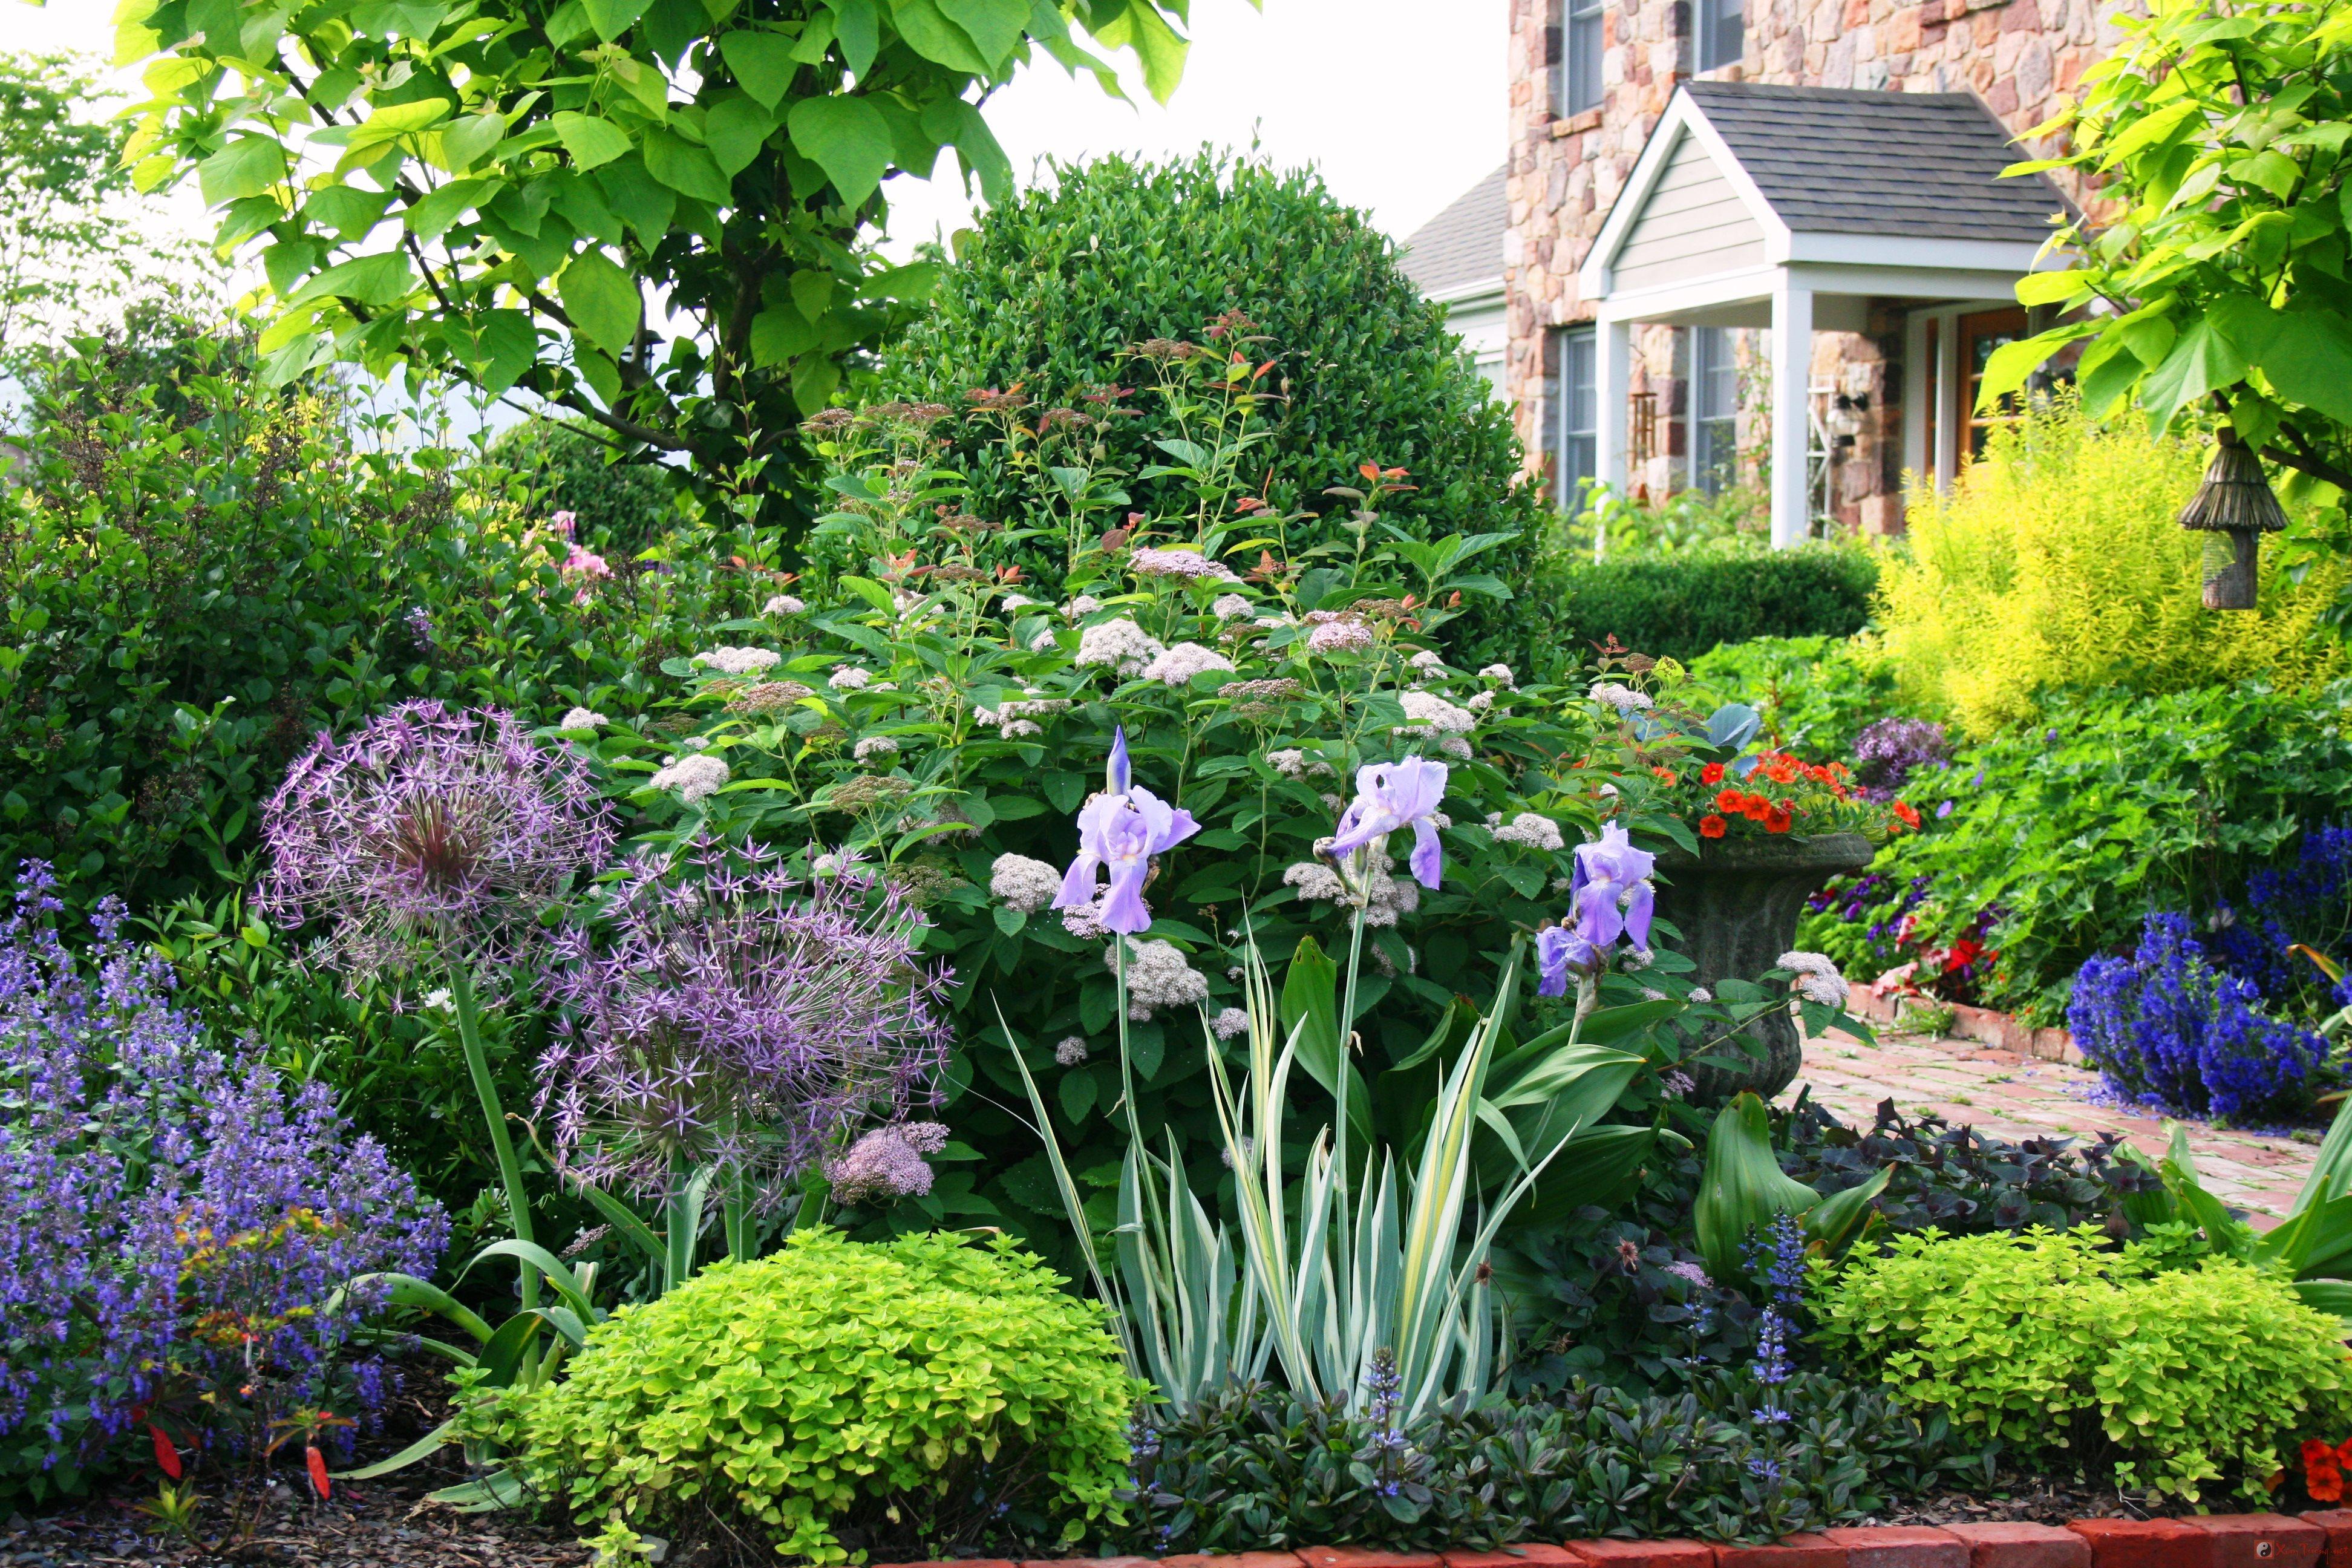 Thấy nhà vườn trong mơ là điềm báo gì?